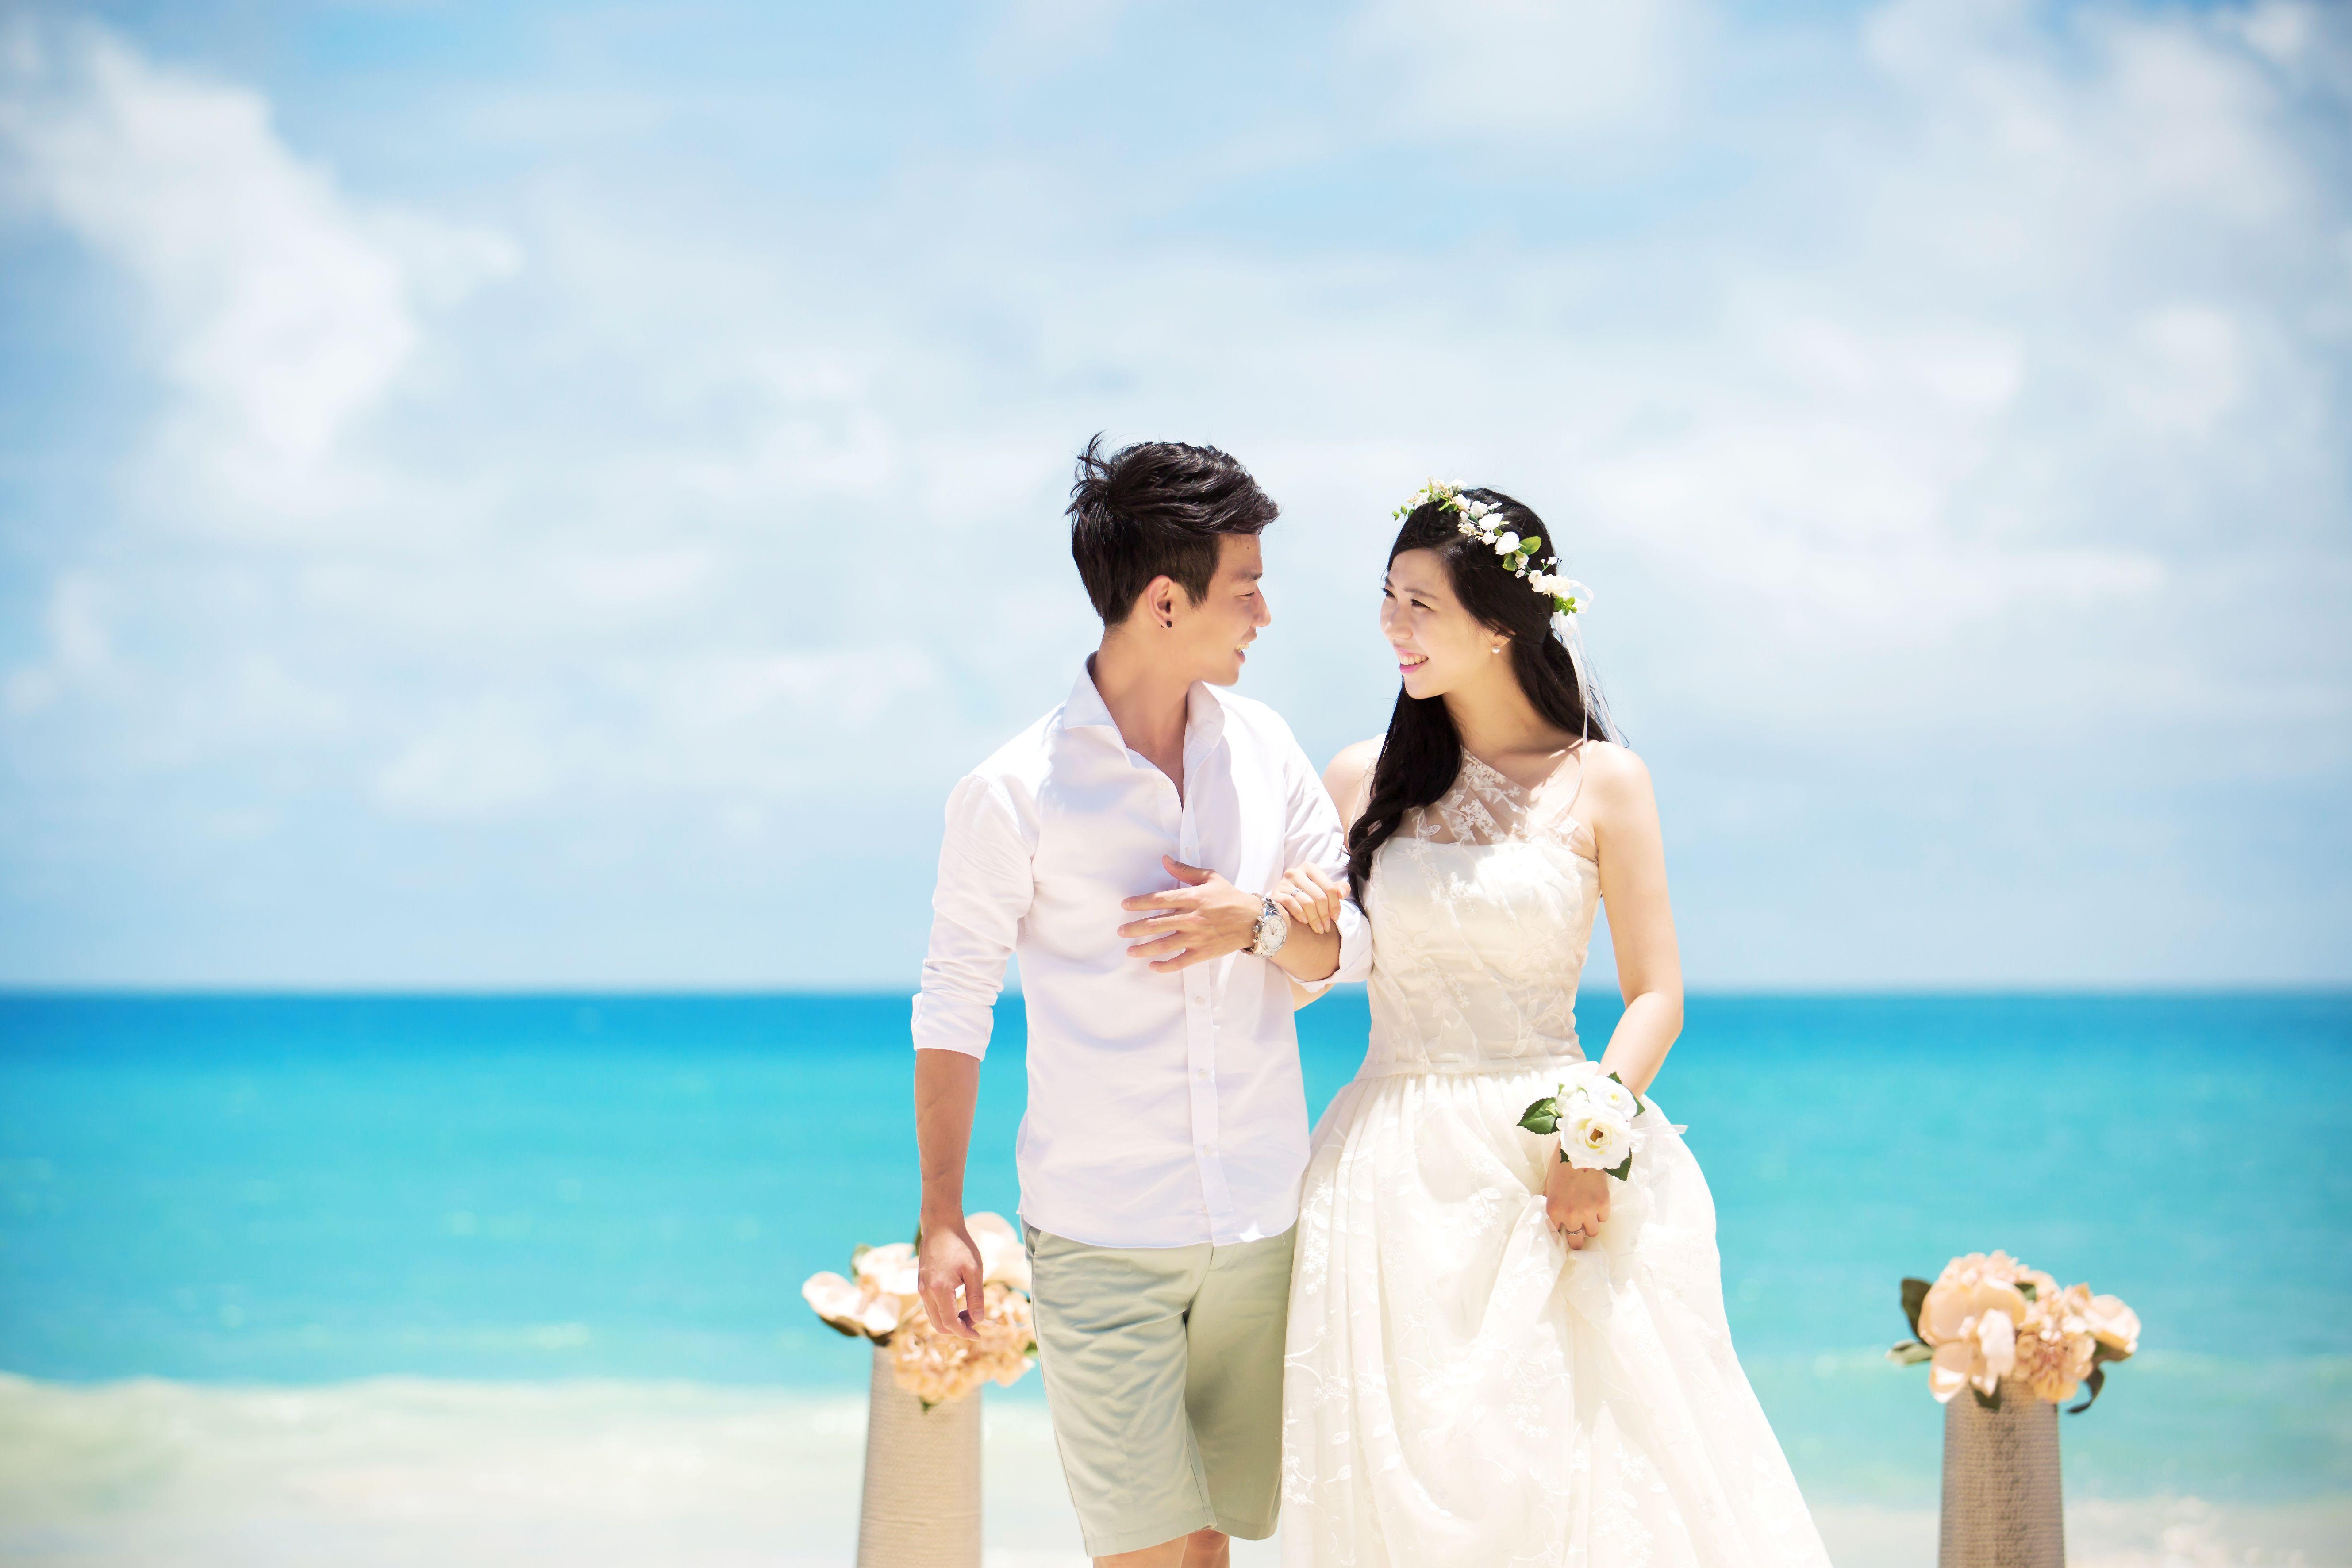 East coast beach wedding - Waimanalo beach wedding, labella hawaii ...